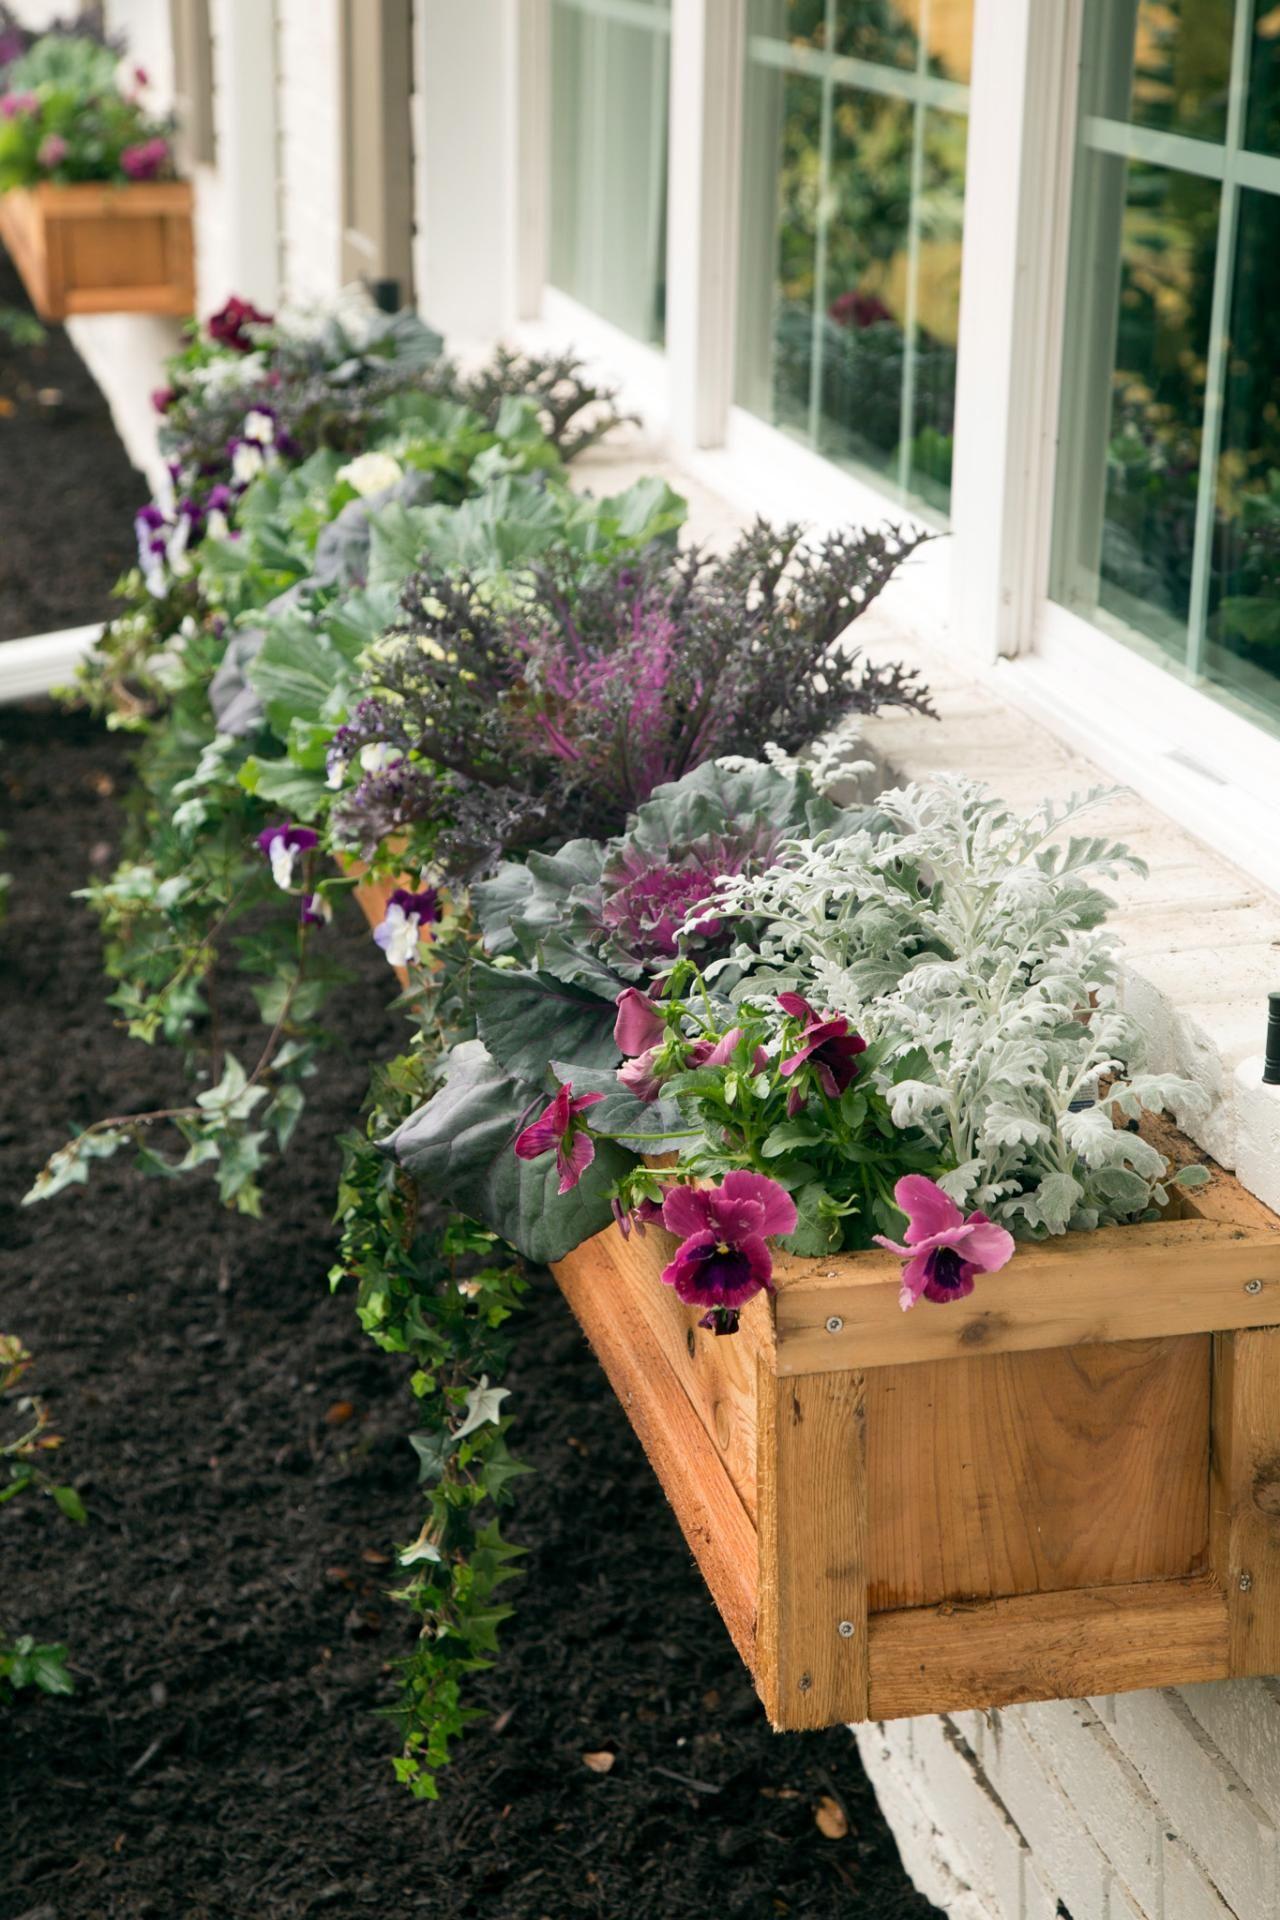 As seen on HGTV's Fixer Upper Window box flowers, Window